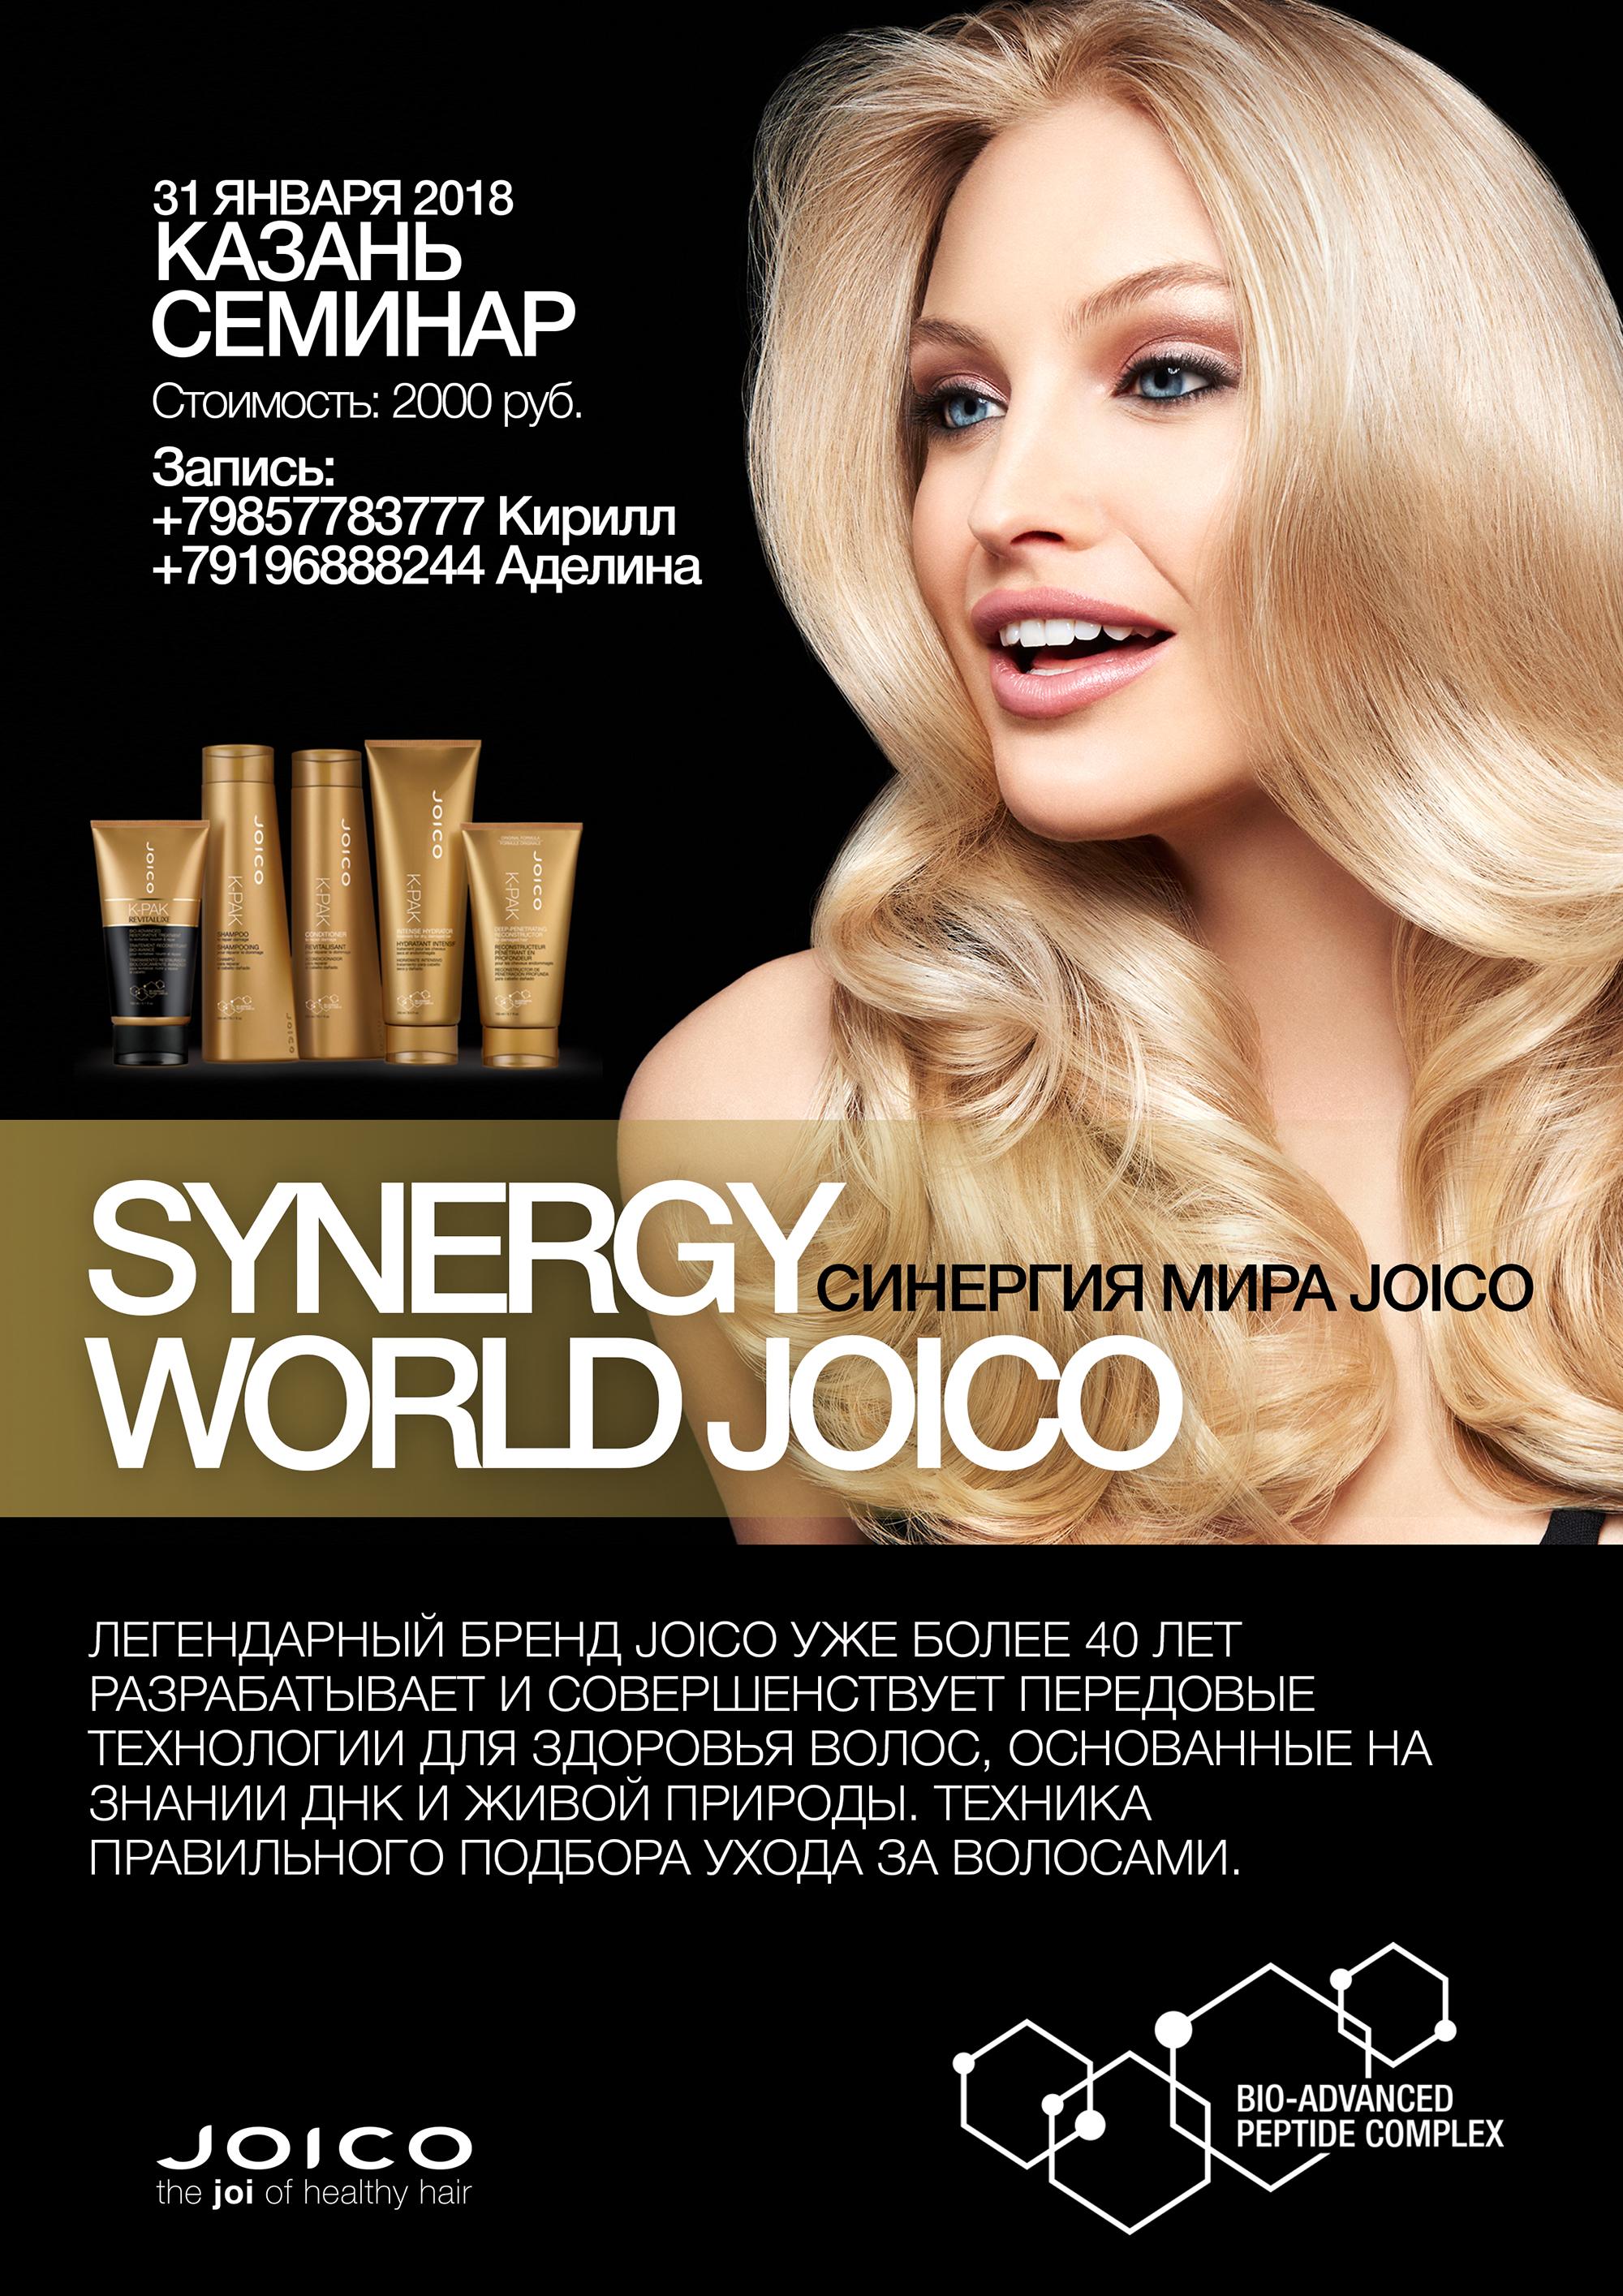 Synergy JOICO